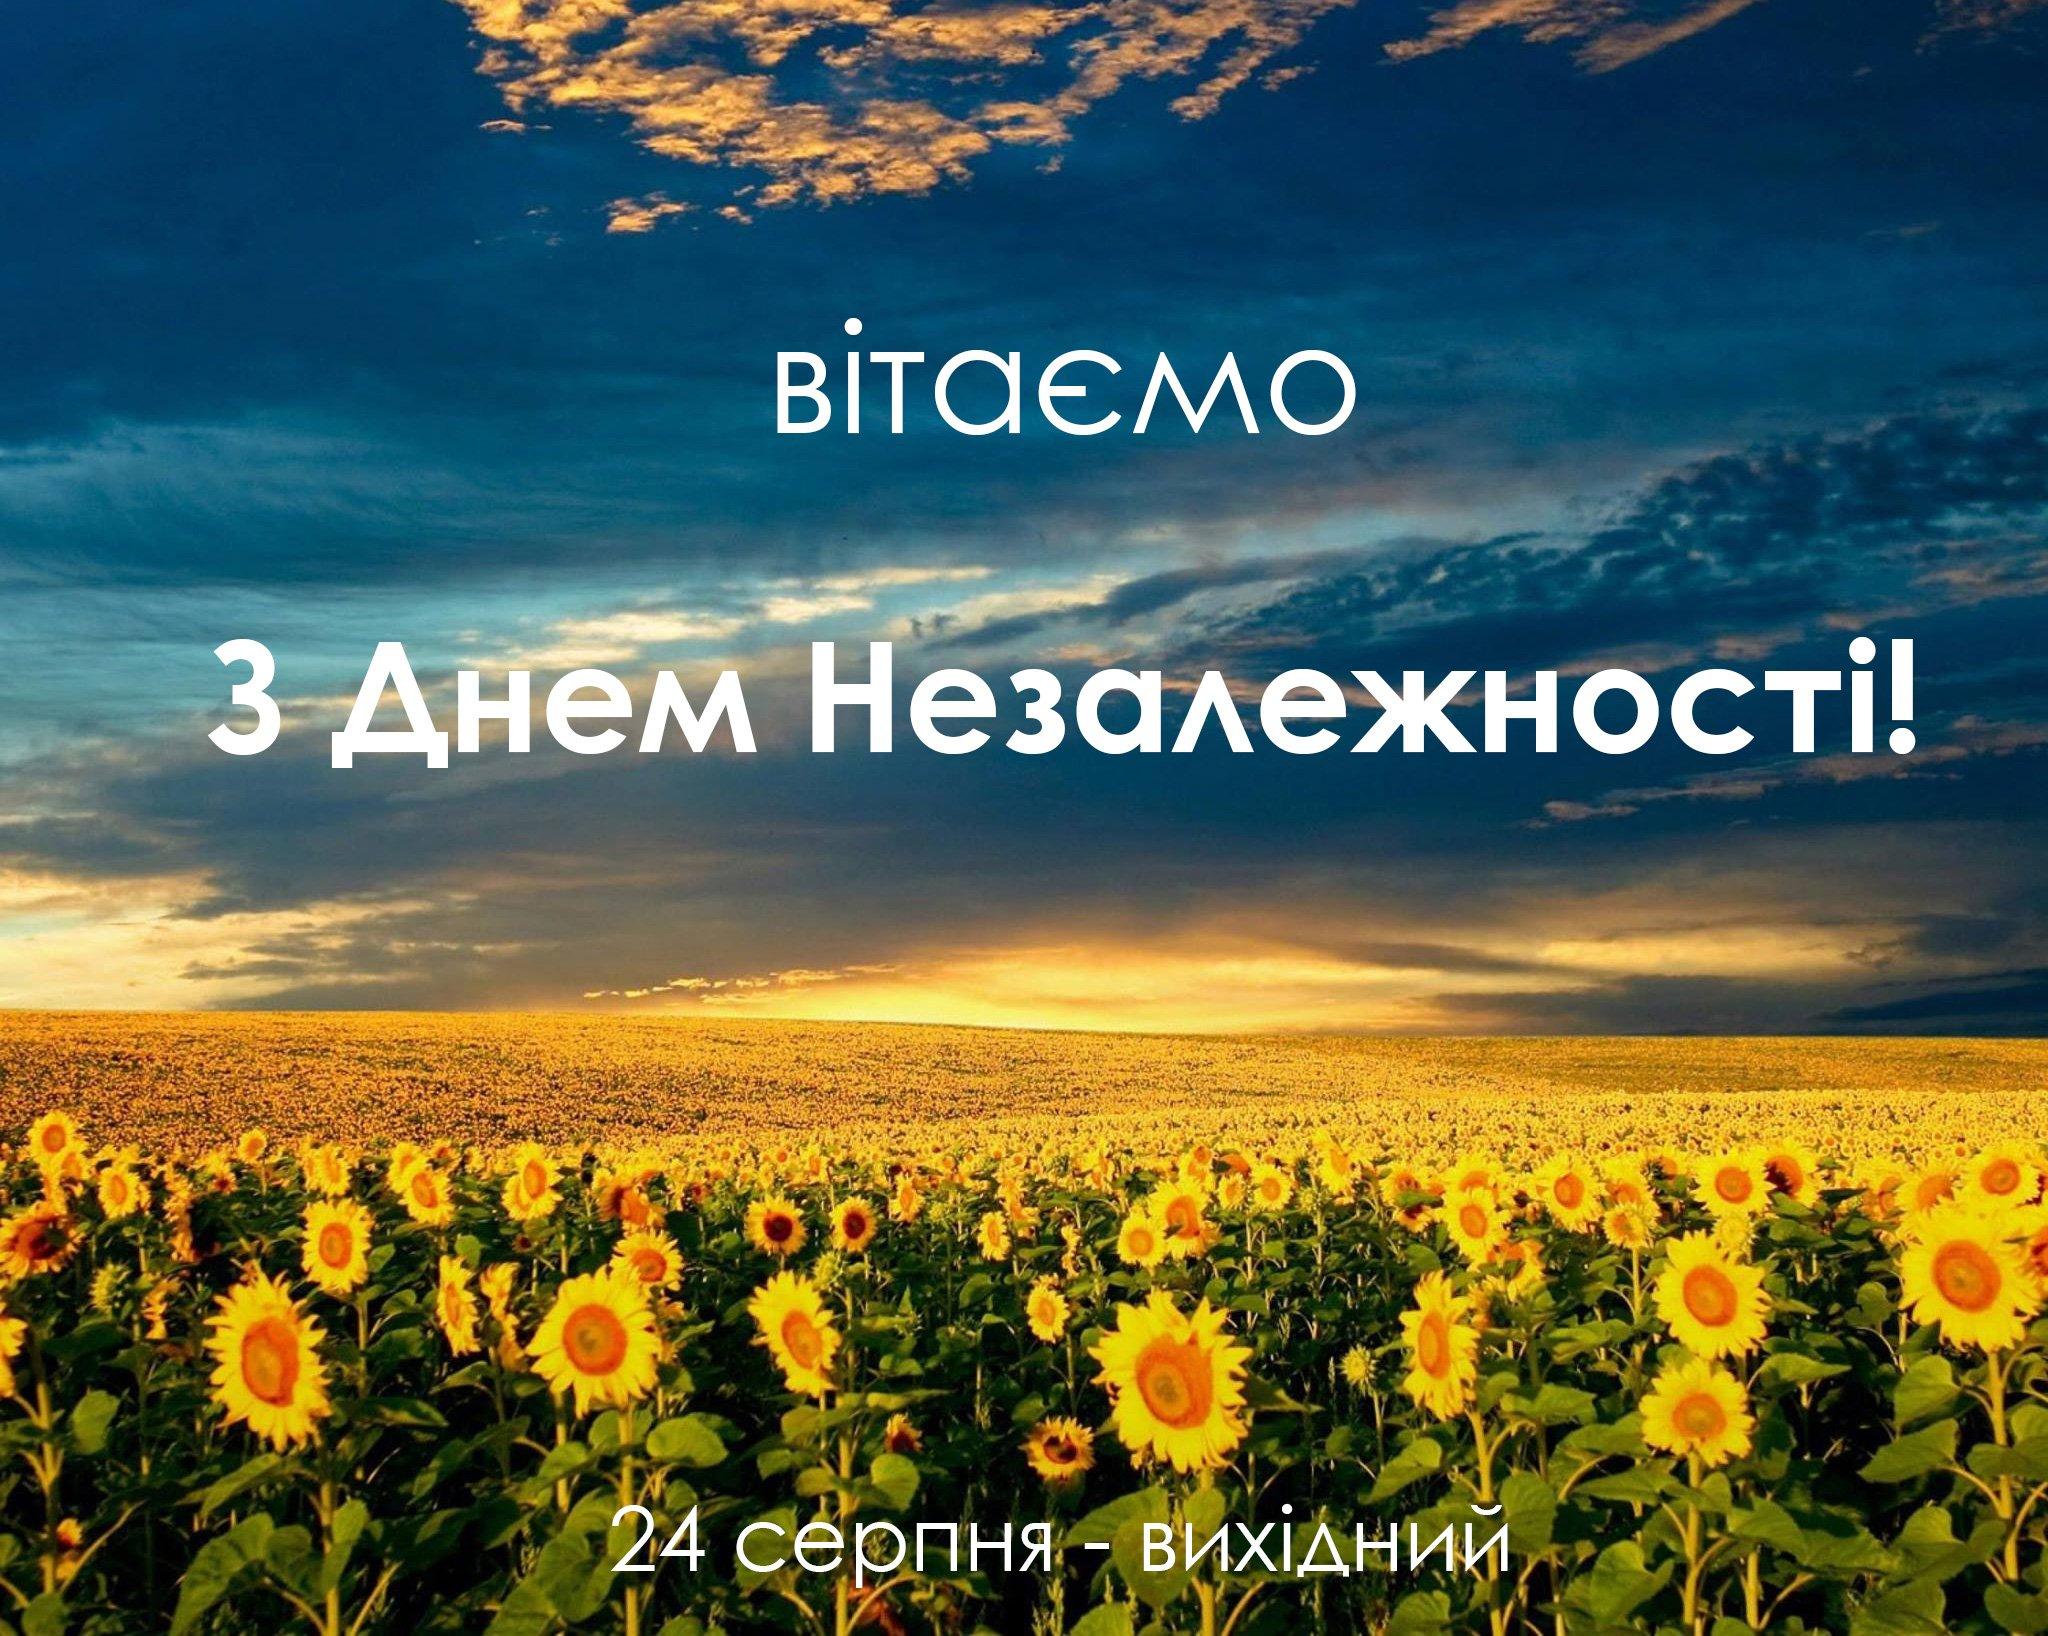 День Независимости Украины: яркие открытки и лучшие поздравления